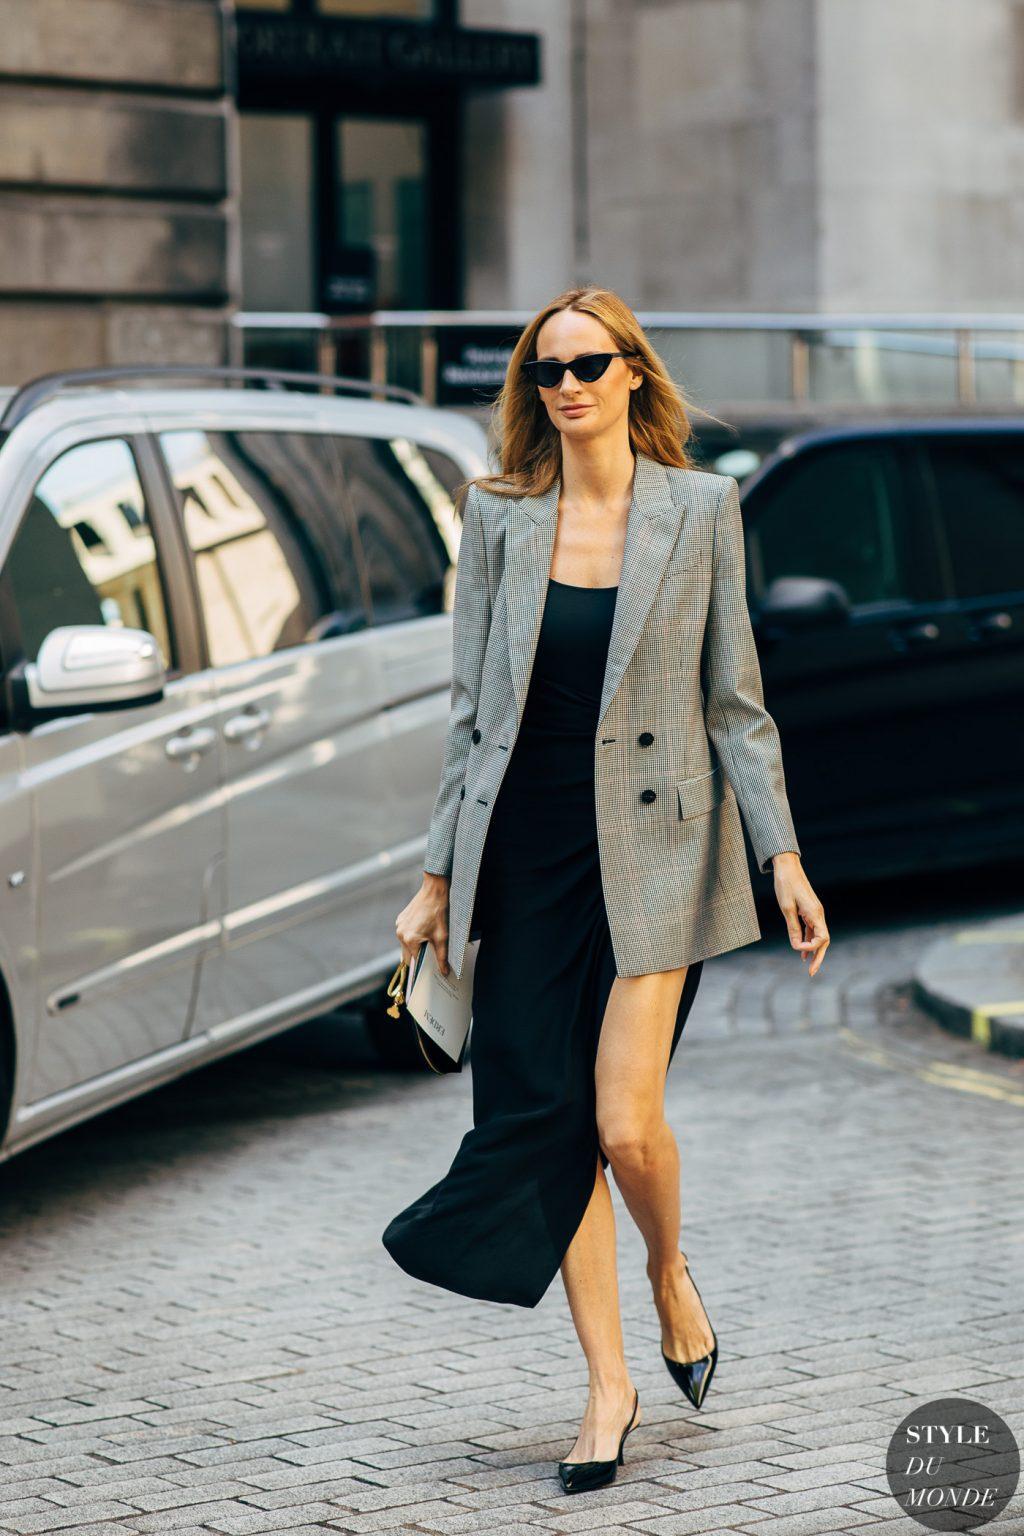 fashionista diện đầm đen, blazer xám, kính mát đen tuần lễ thời trang